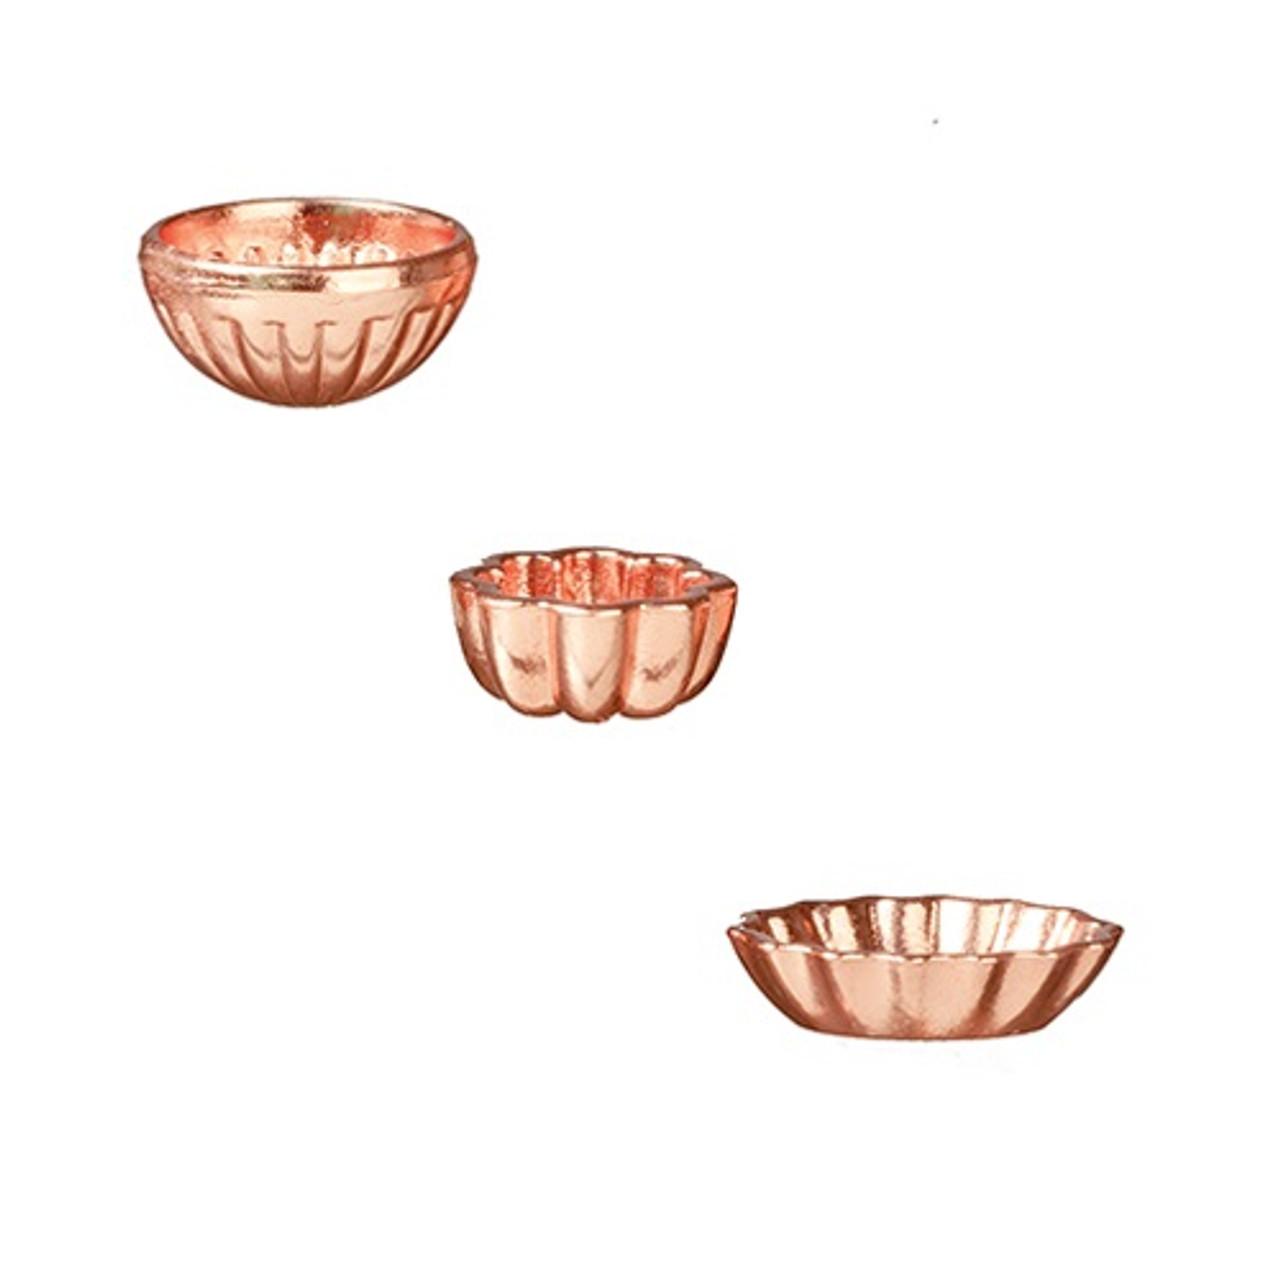 Small Bundt Pans, Copper, 3 Pieces (AZB0334)